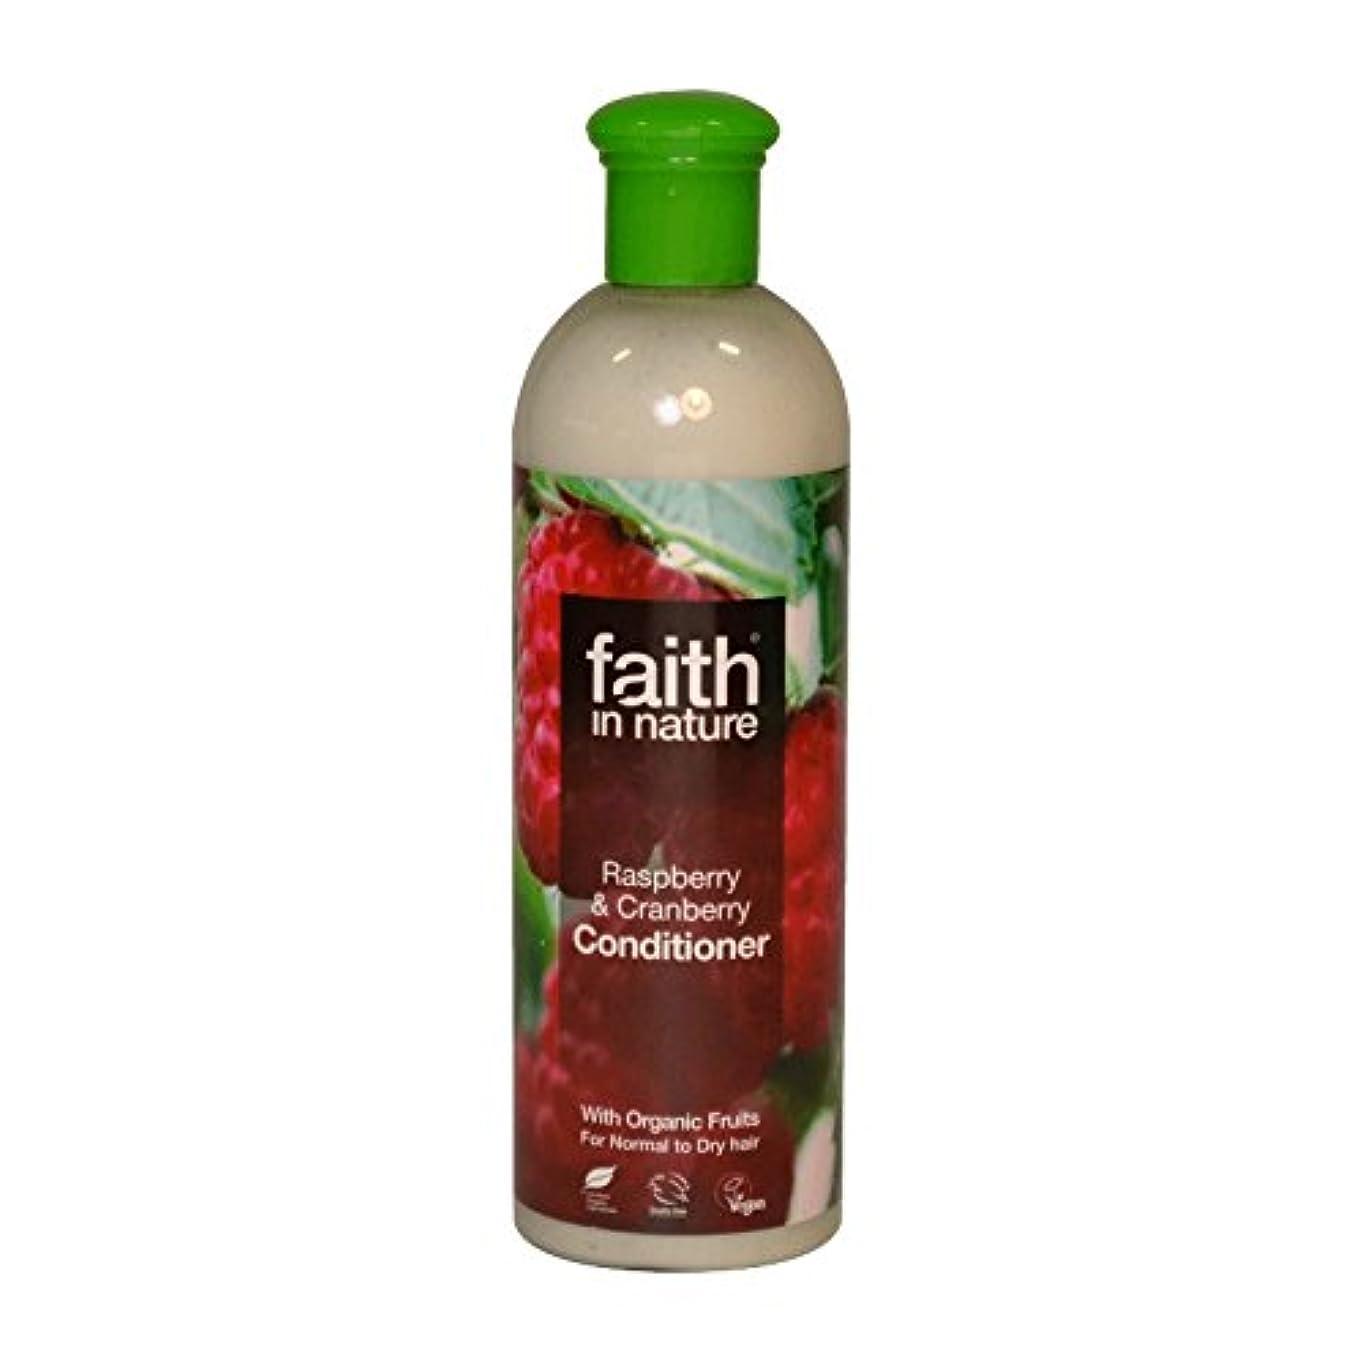 スナック気がついて開いた自然ラズベリー&クランベリーコンディショナー400ミリリットルの信仰 - Faith in Nature Raspberry & Cranberry Conditioner 400ml (Faith in Nature)...